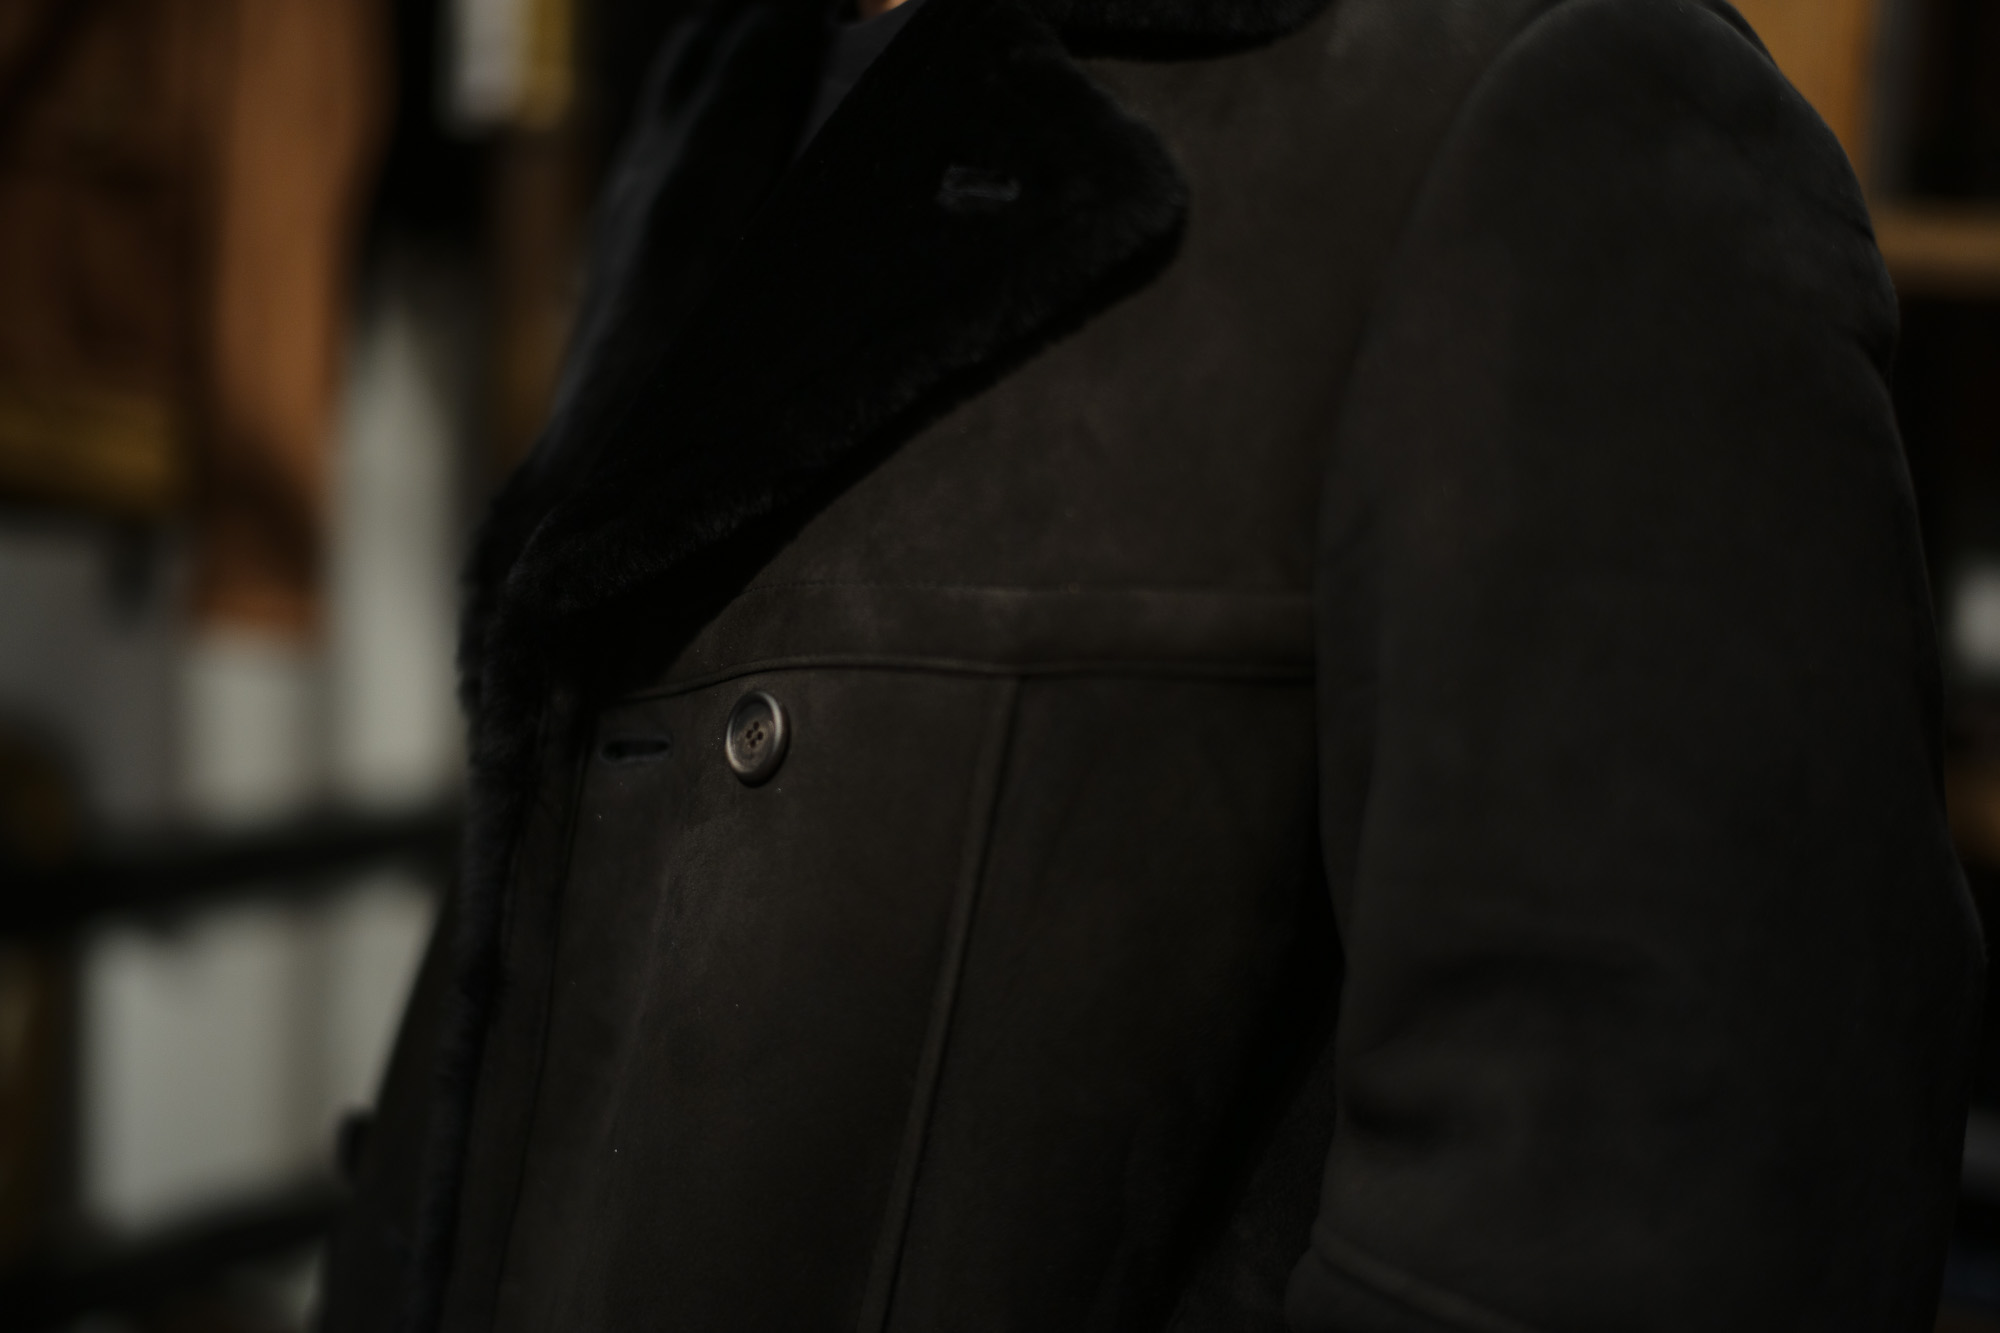 EMMETI (エンメティ) WILL (ウィル) Merino Mouton (メリノ ムートン) ダブルブレスト ムートンコート NERO (ブラック) Made in italy (イタリア製) 2018 秋冬 emmeti ムートンコート 愛知 名古屋 ZODIAC ゾディアック  42,44,46,48,50,52